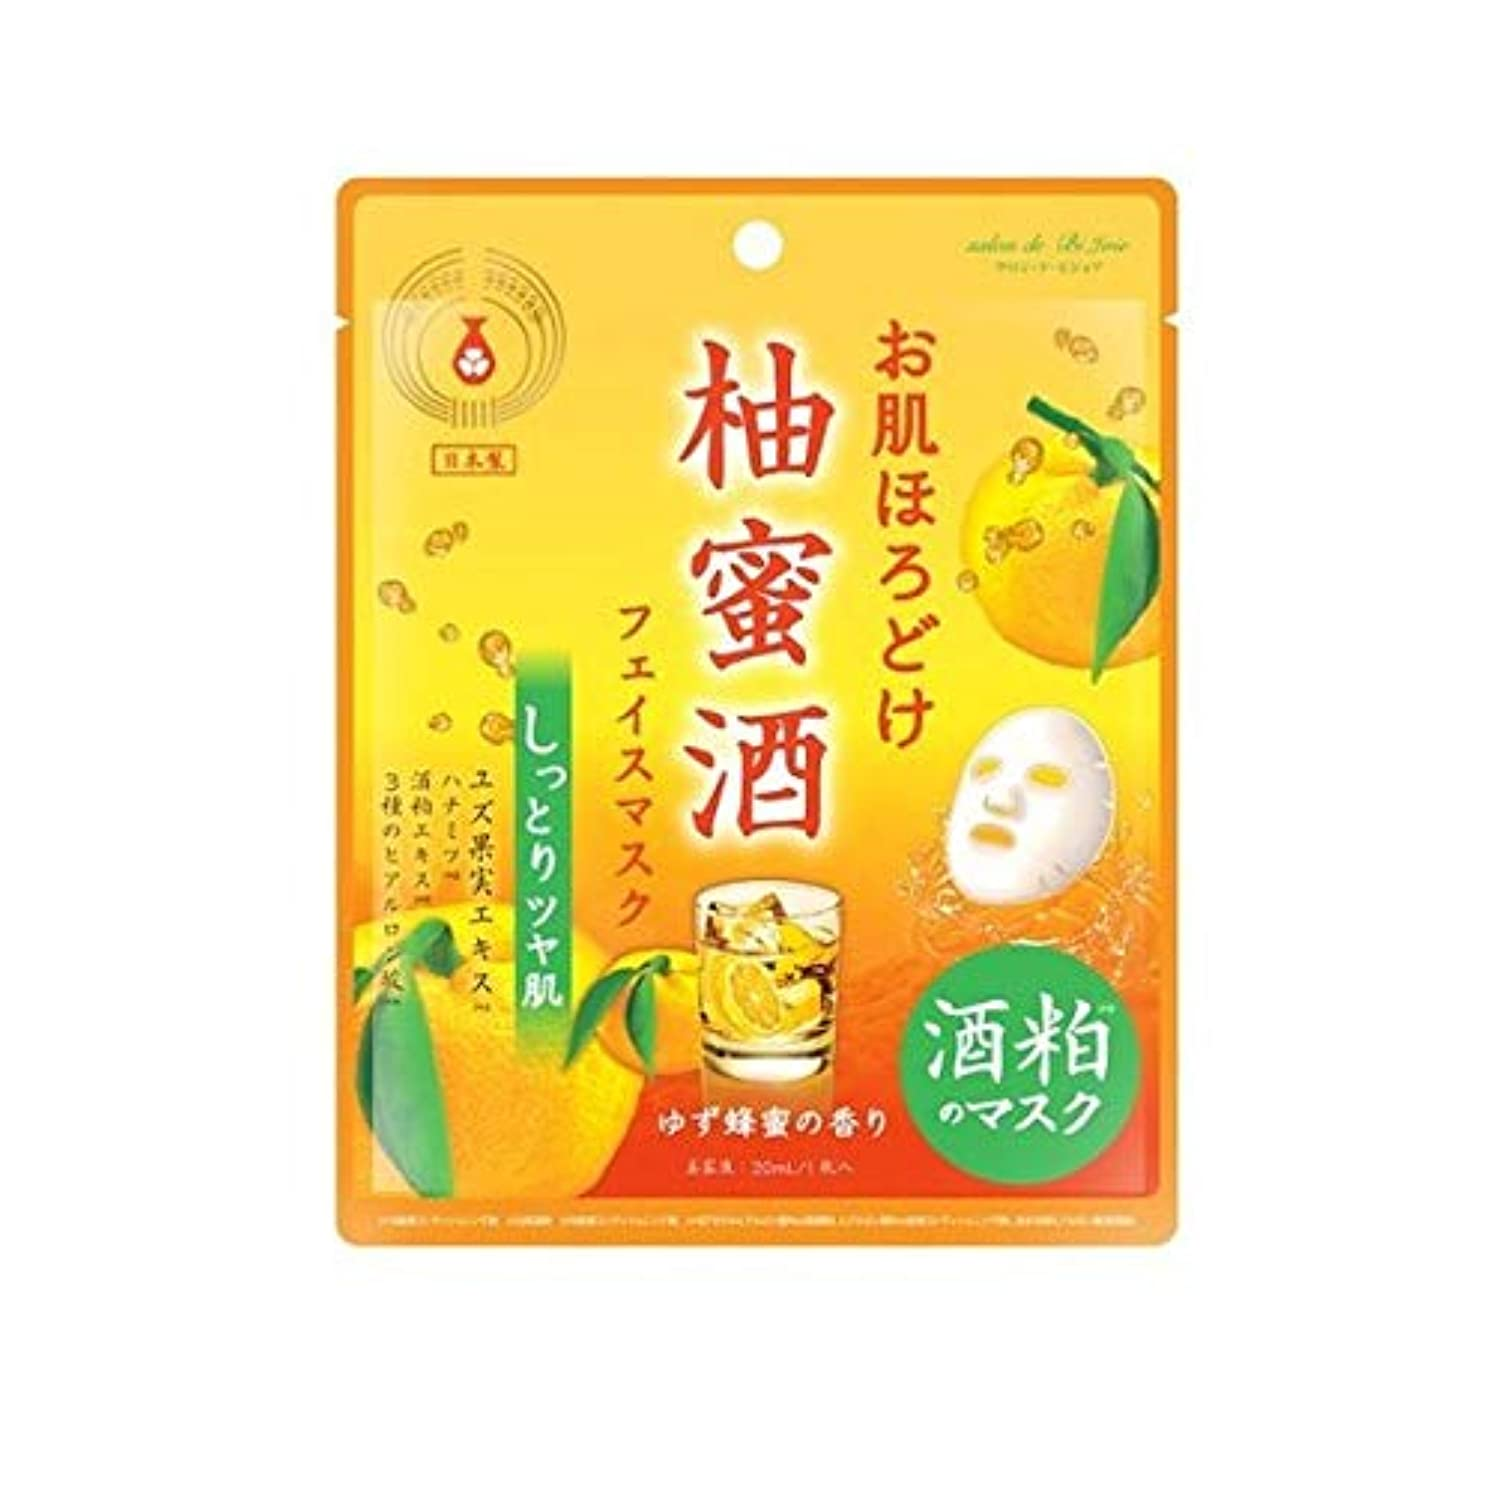 生き残り残り生き物BJお肌ほろどけフェイスマスク 柚蜜酒 HDM202 日本製 ゆず蜂蜜の香り 美容 ビューティー グッズ フェイス パック マスク しっとり ツヤ 肌 素肌 美人 保湿